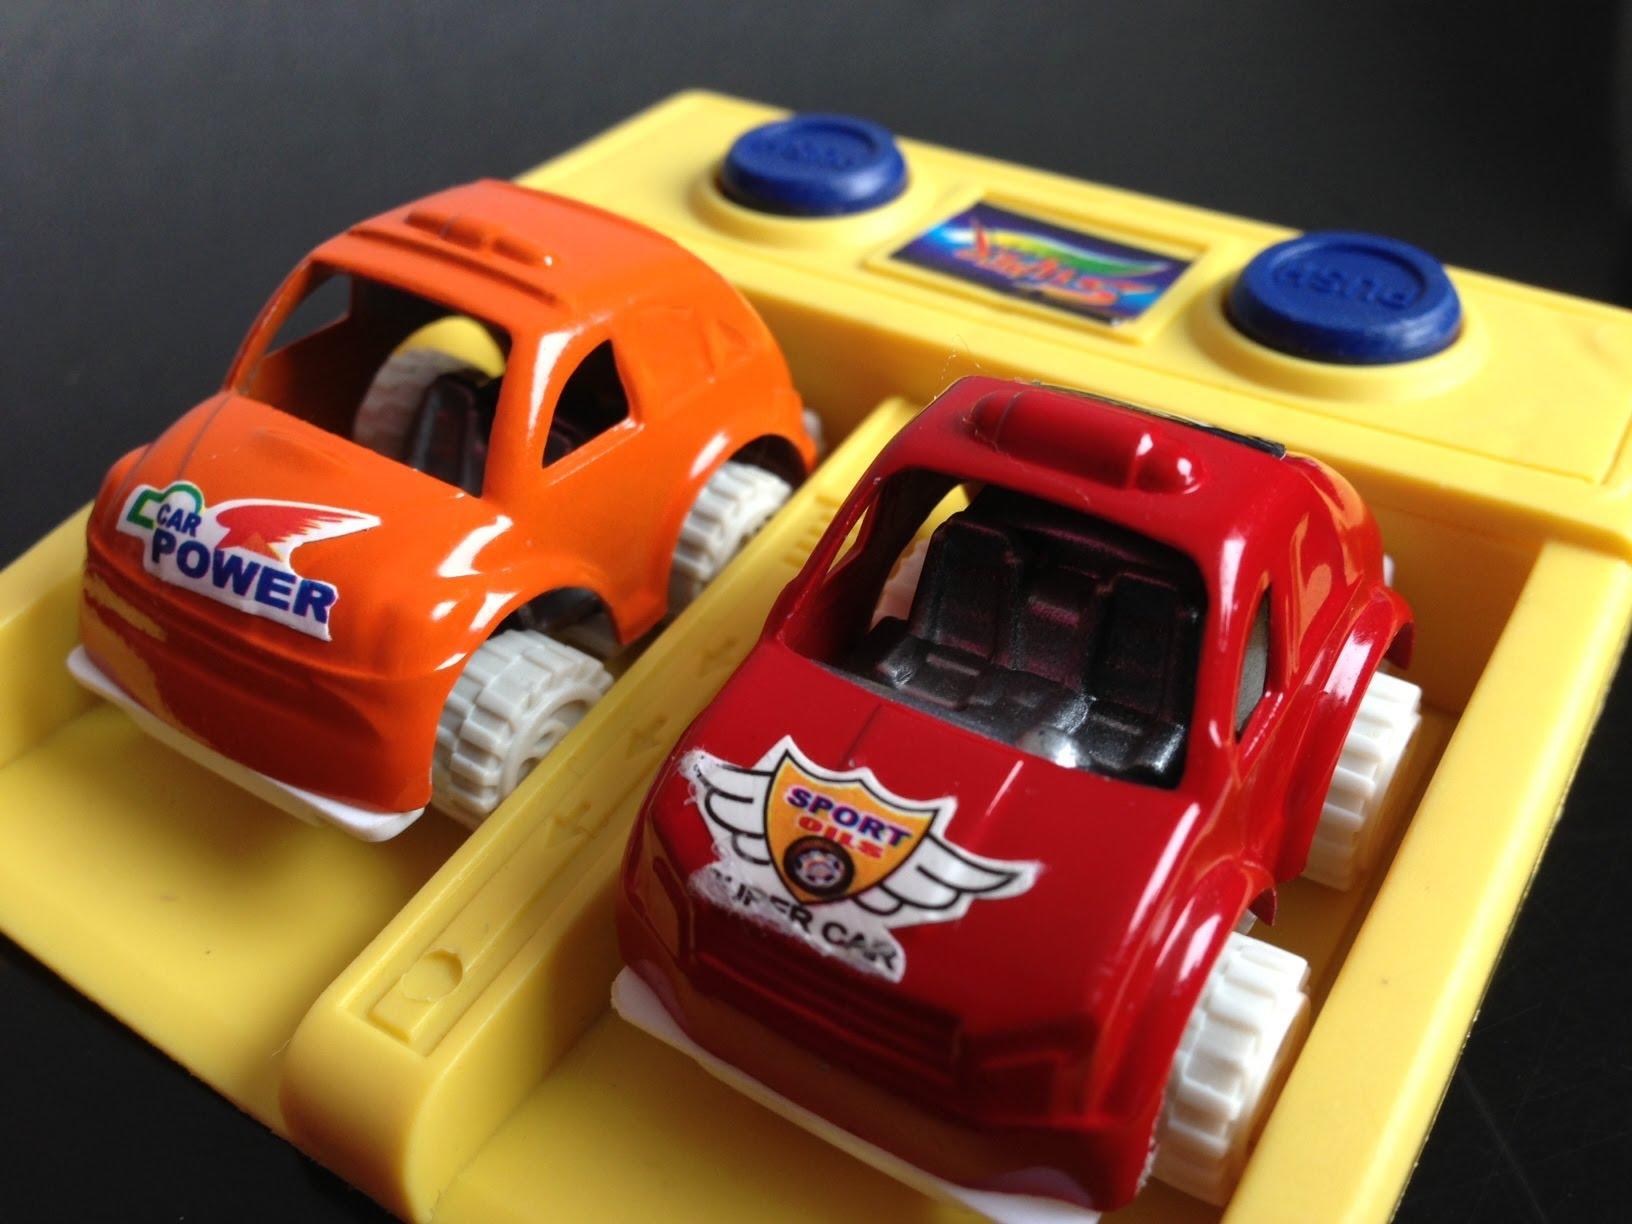 بالصور صور سيارات العاب , اجمل صورة لسيارة لعبة تجنن 1592 2